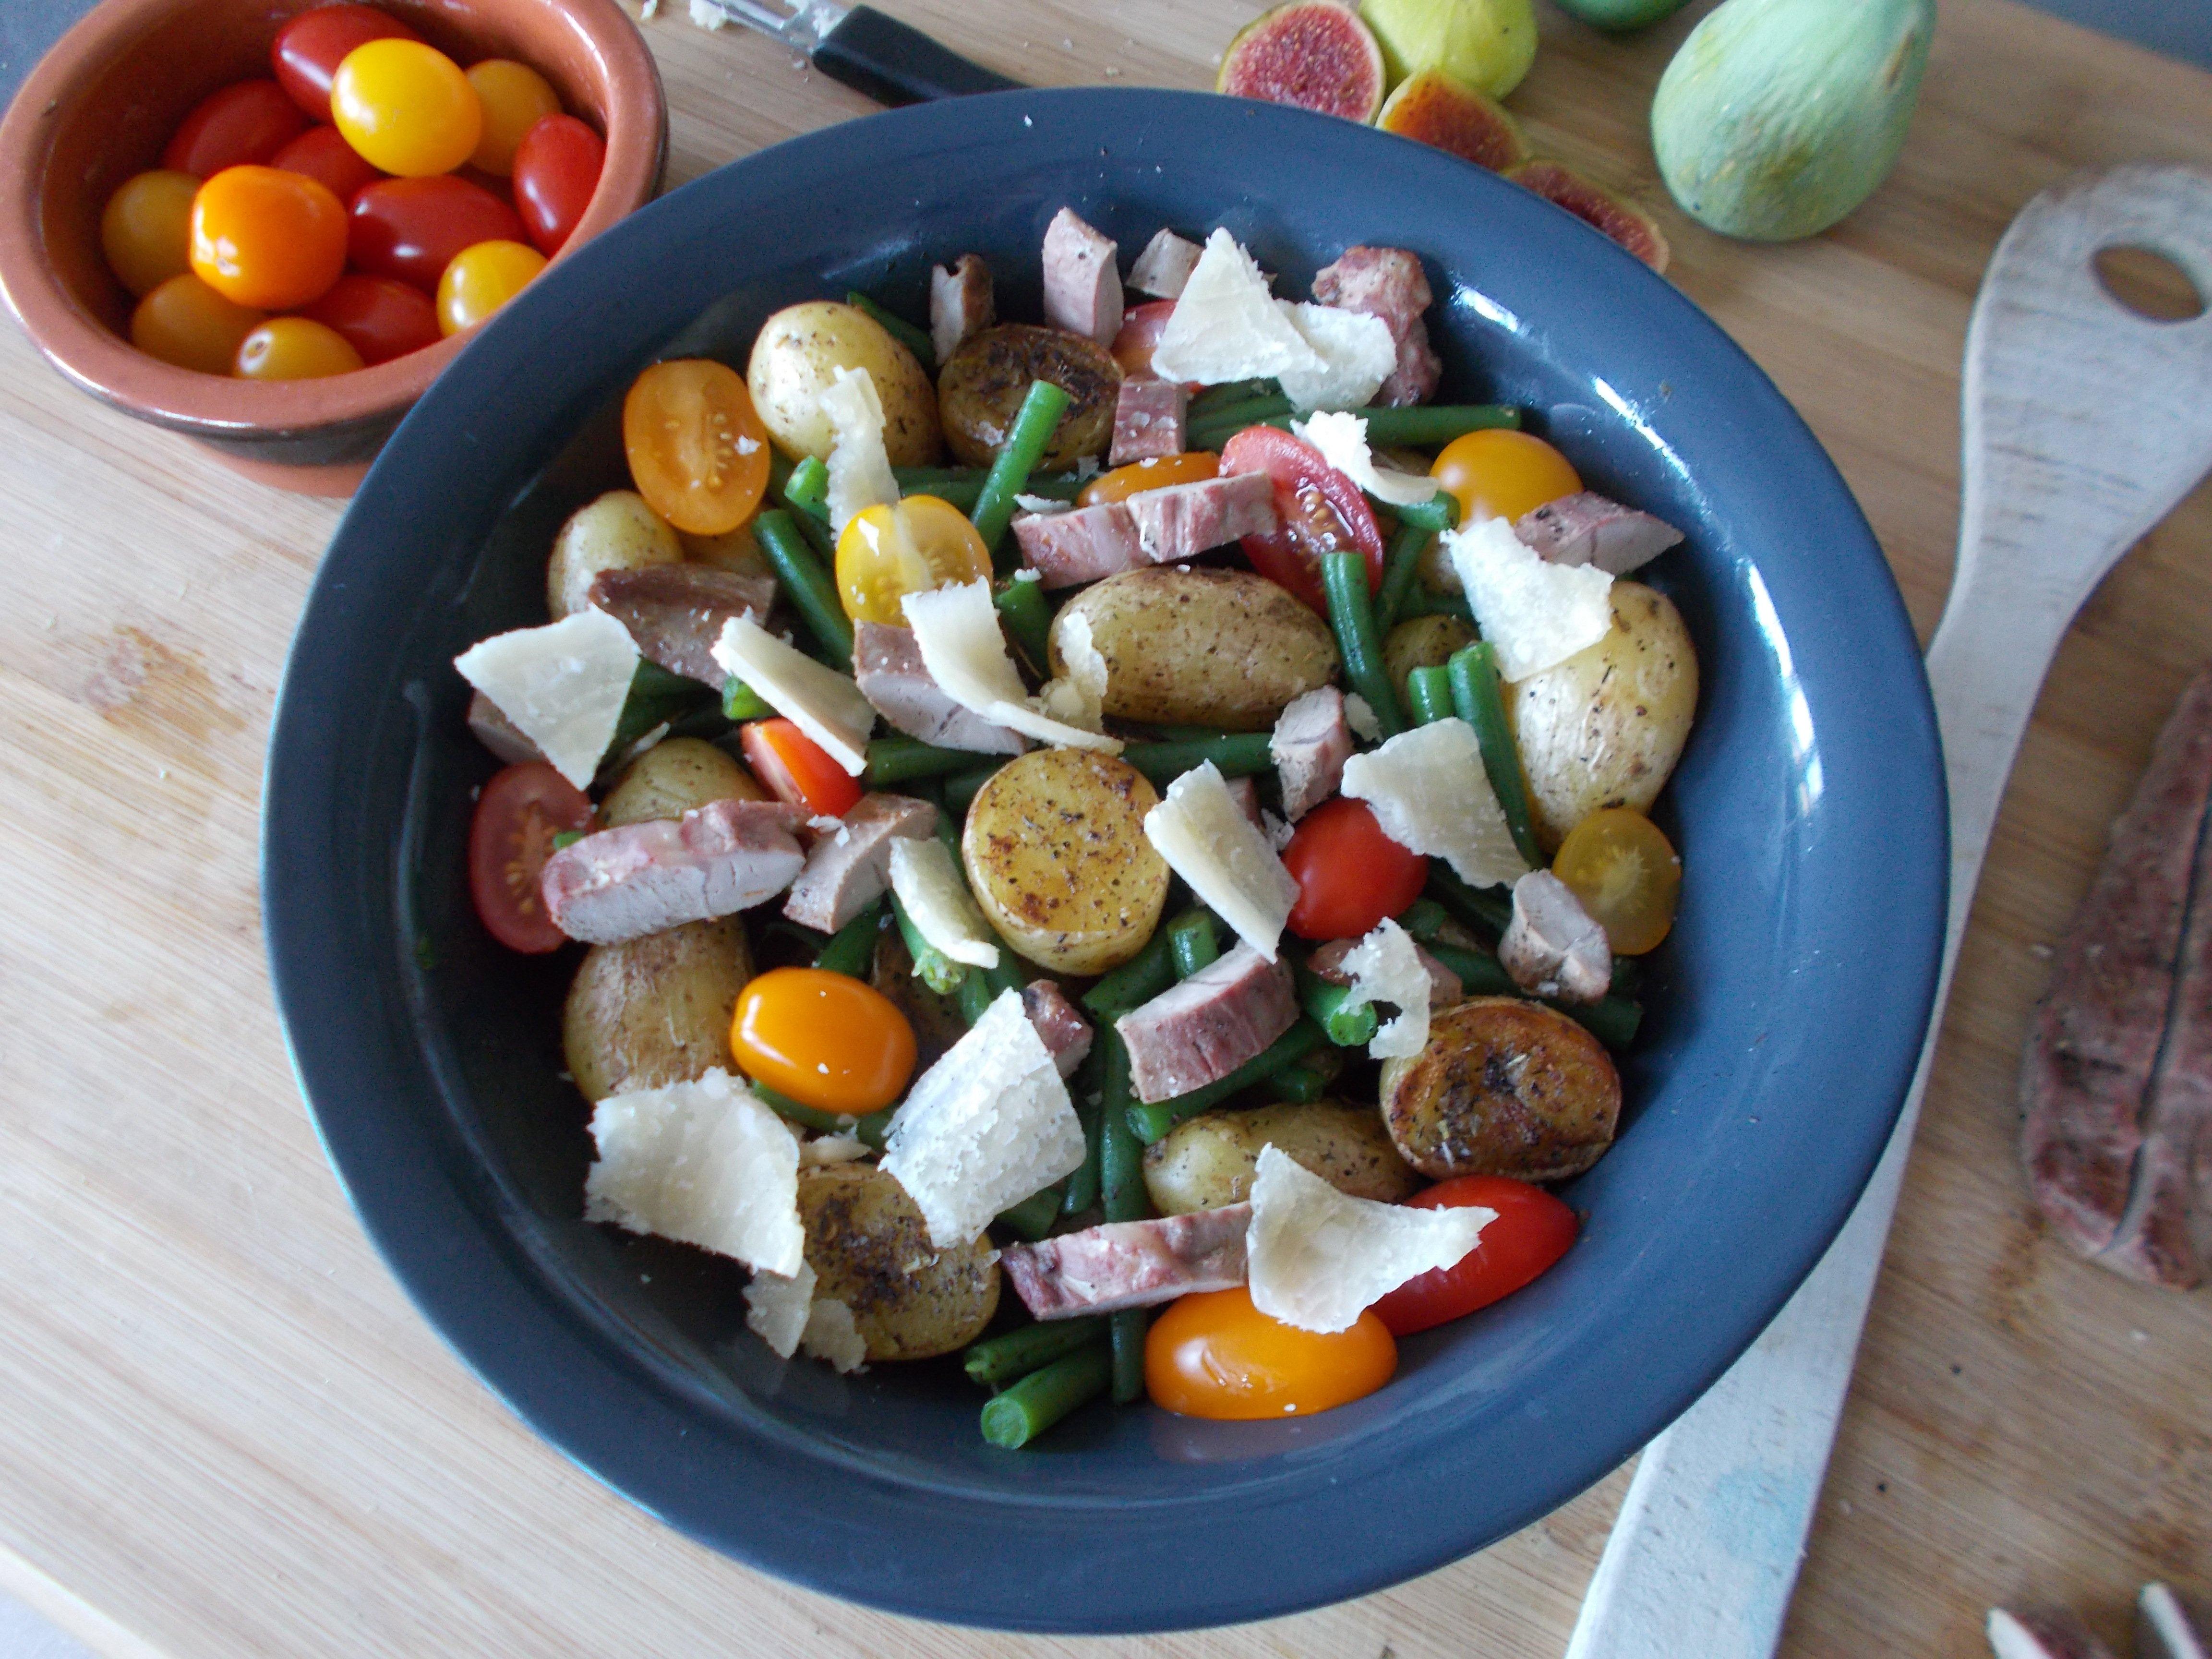 Salade rustique aux aiguillettes de canard et pommes de terre grenailles